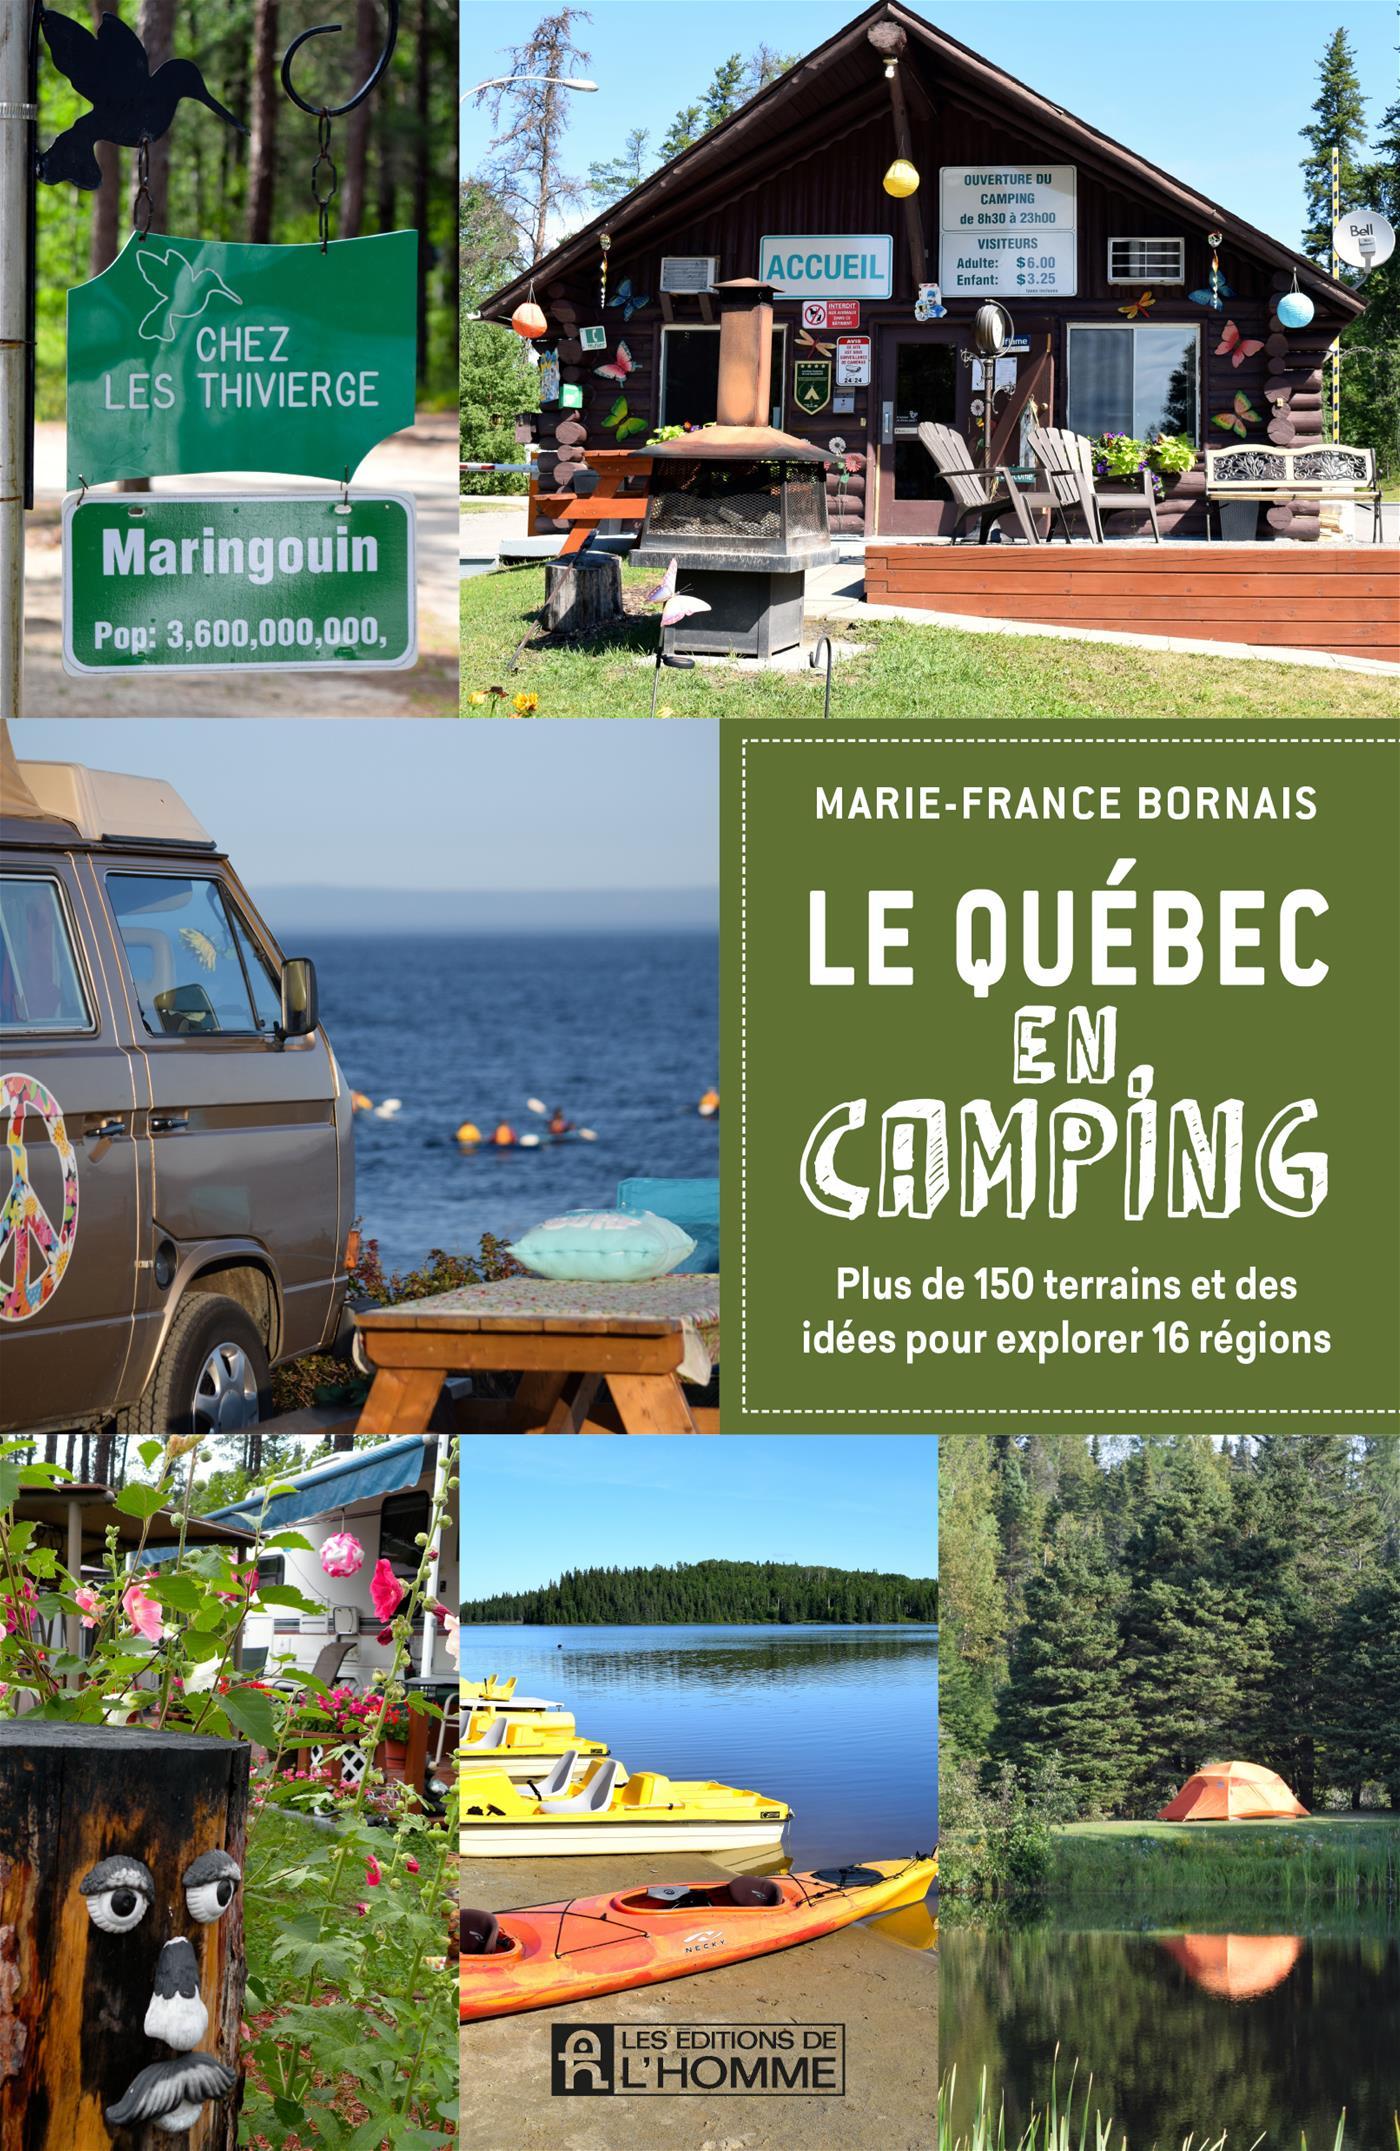 Le Québec en camping